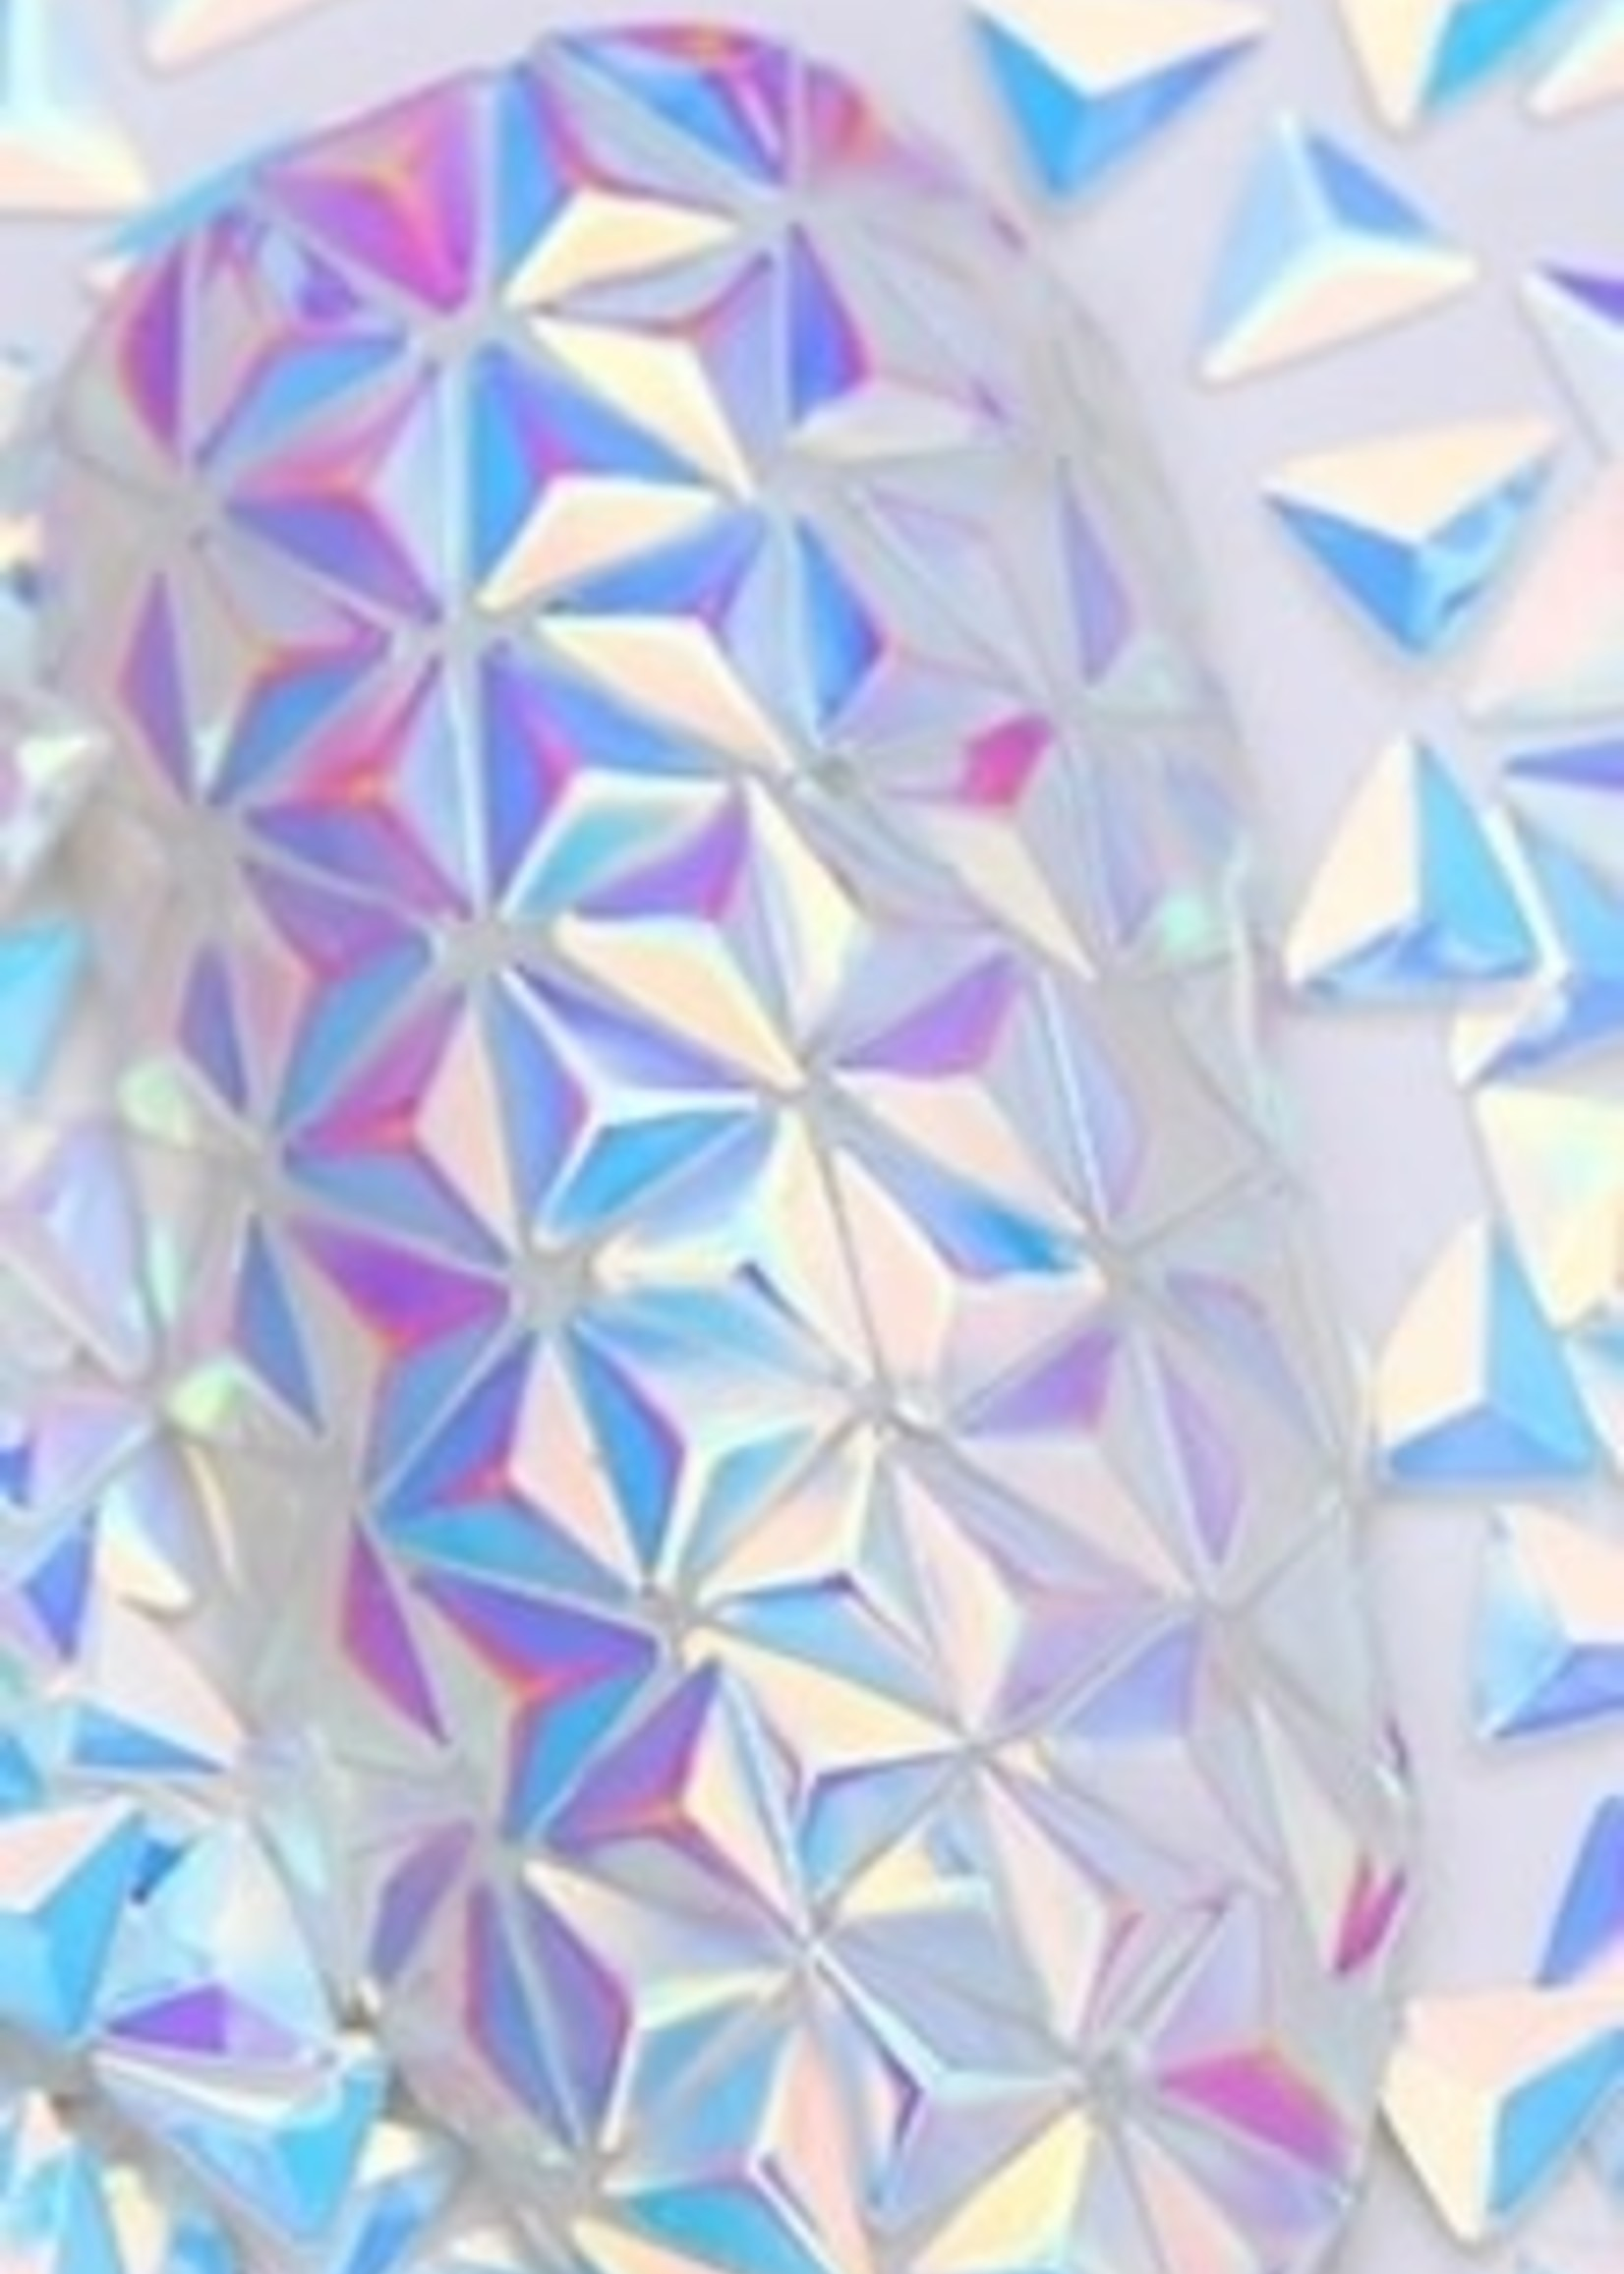 Parlemoer triangels